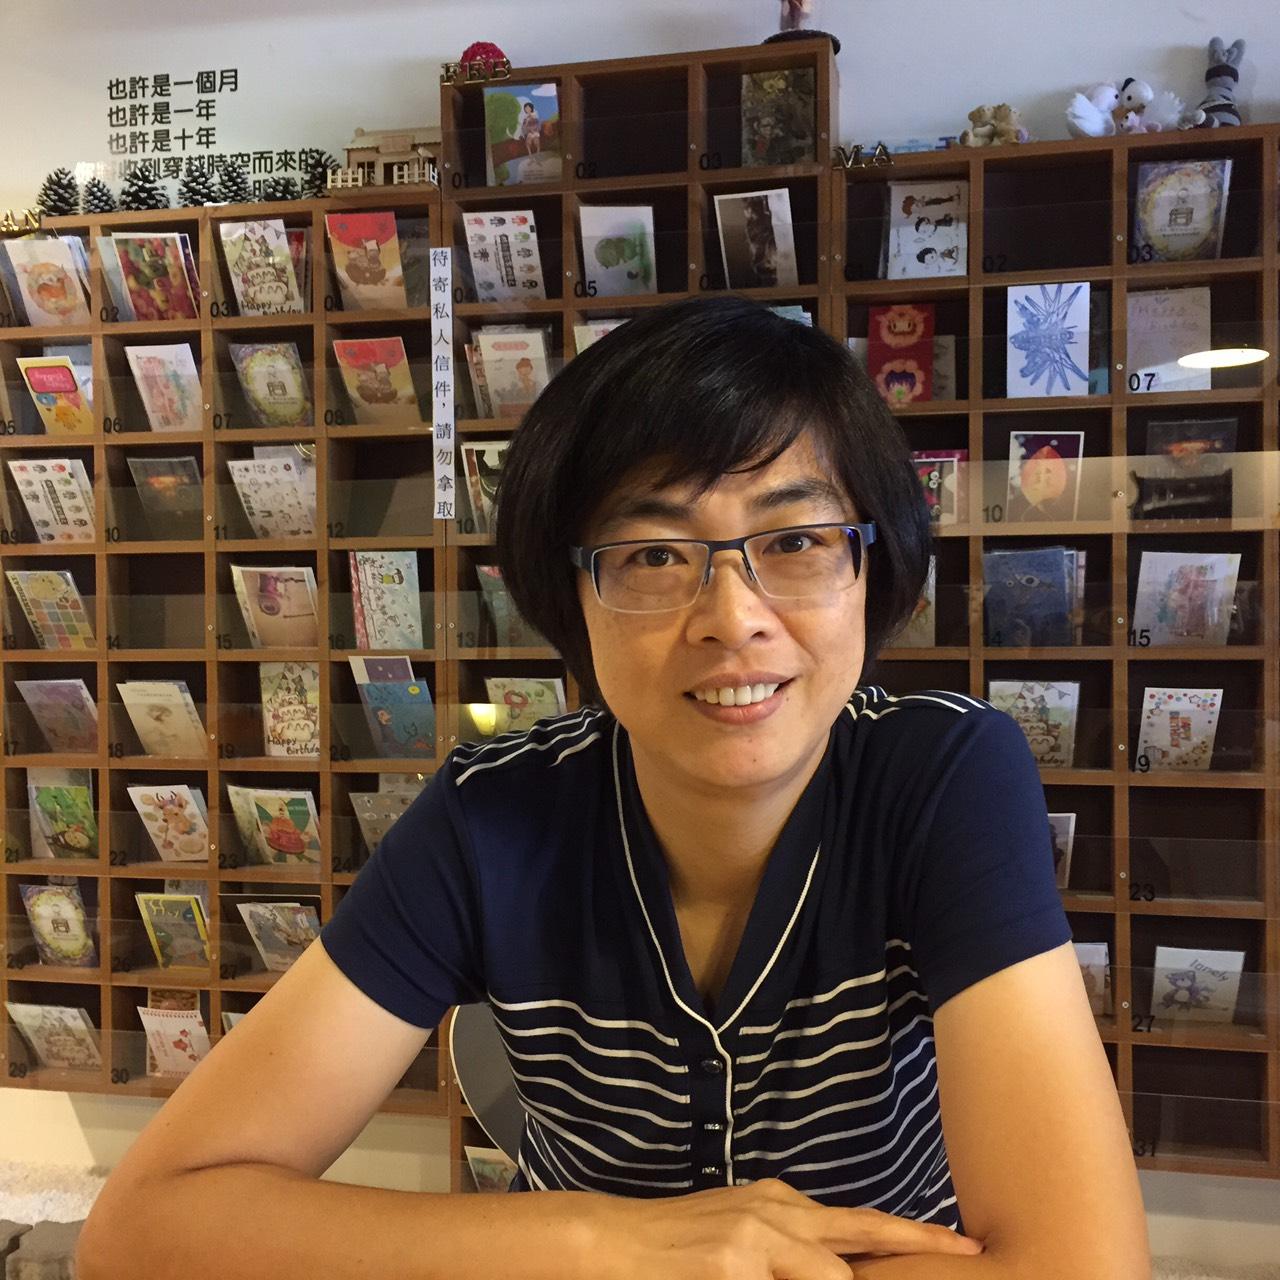 行政組員 蕭月仙小姐